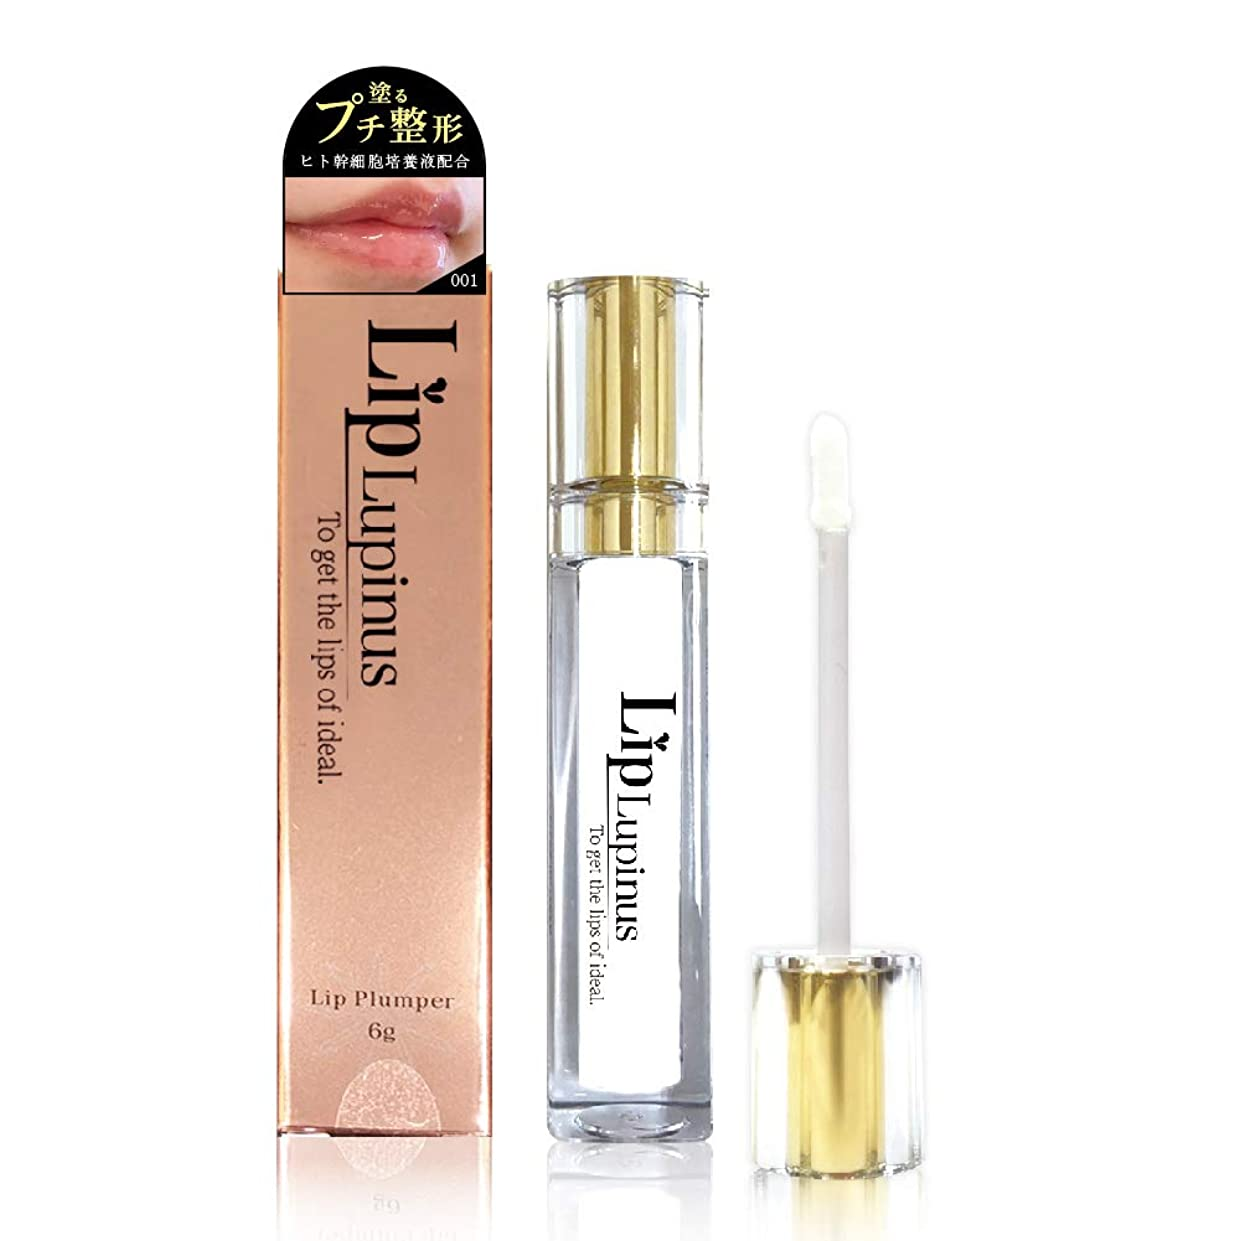 スタジオ追跡努力するリップルピナス Lip Lupinus ヒト幹細胞 唇美容液 ヒト幹細胞エキス 6g リップグロス リッププランパー リップ 日本製 クリア 2019年最新モデル